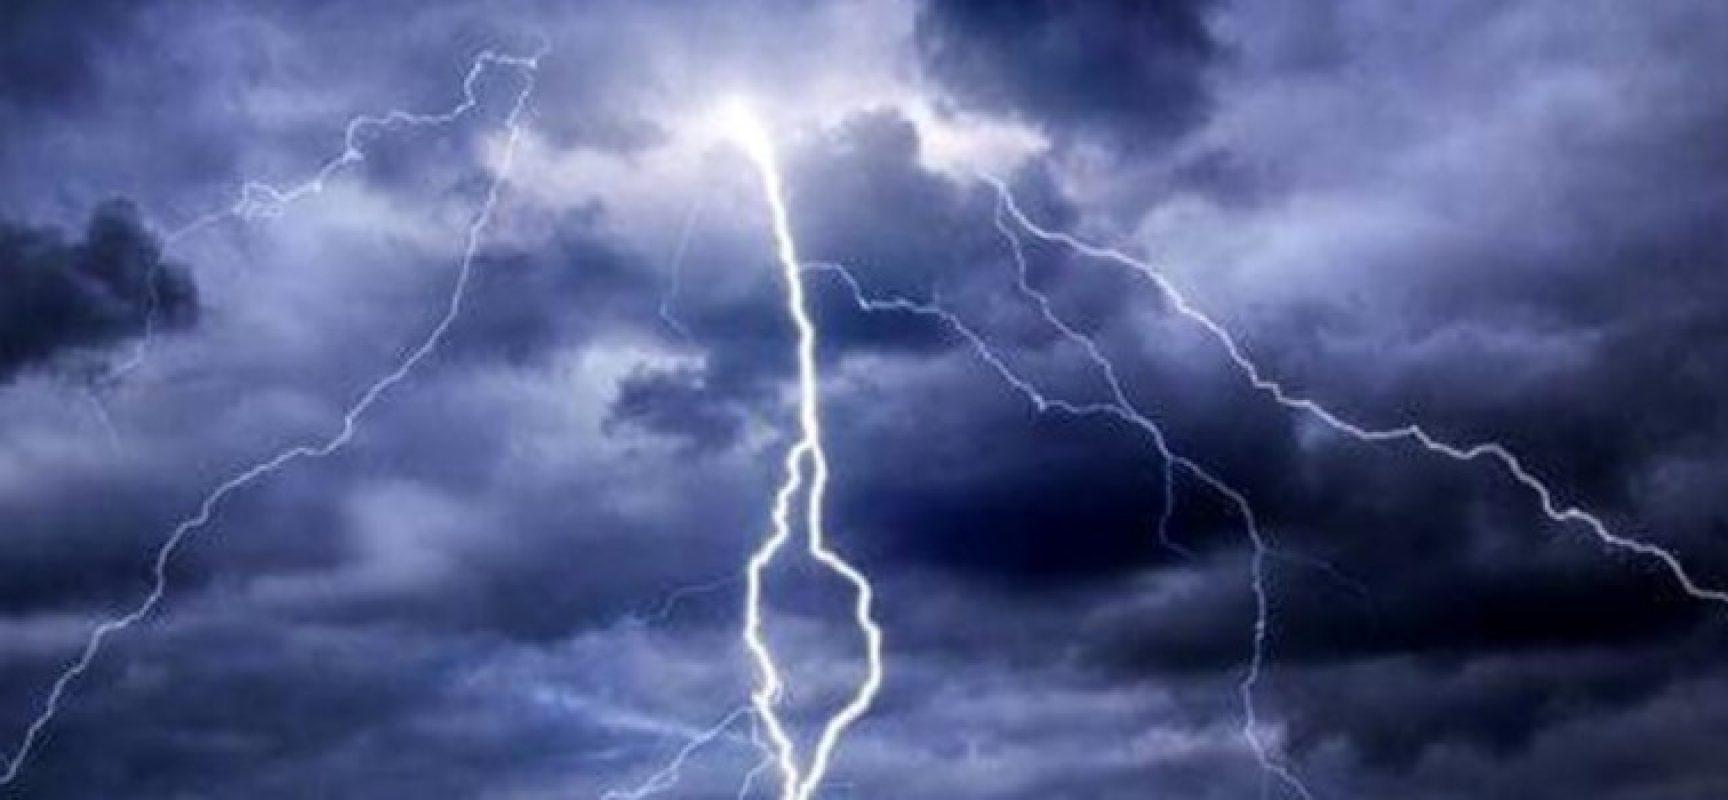 Allerta meteo per temporali nella giornata di domani